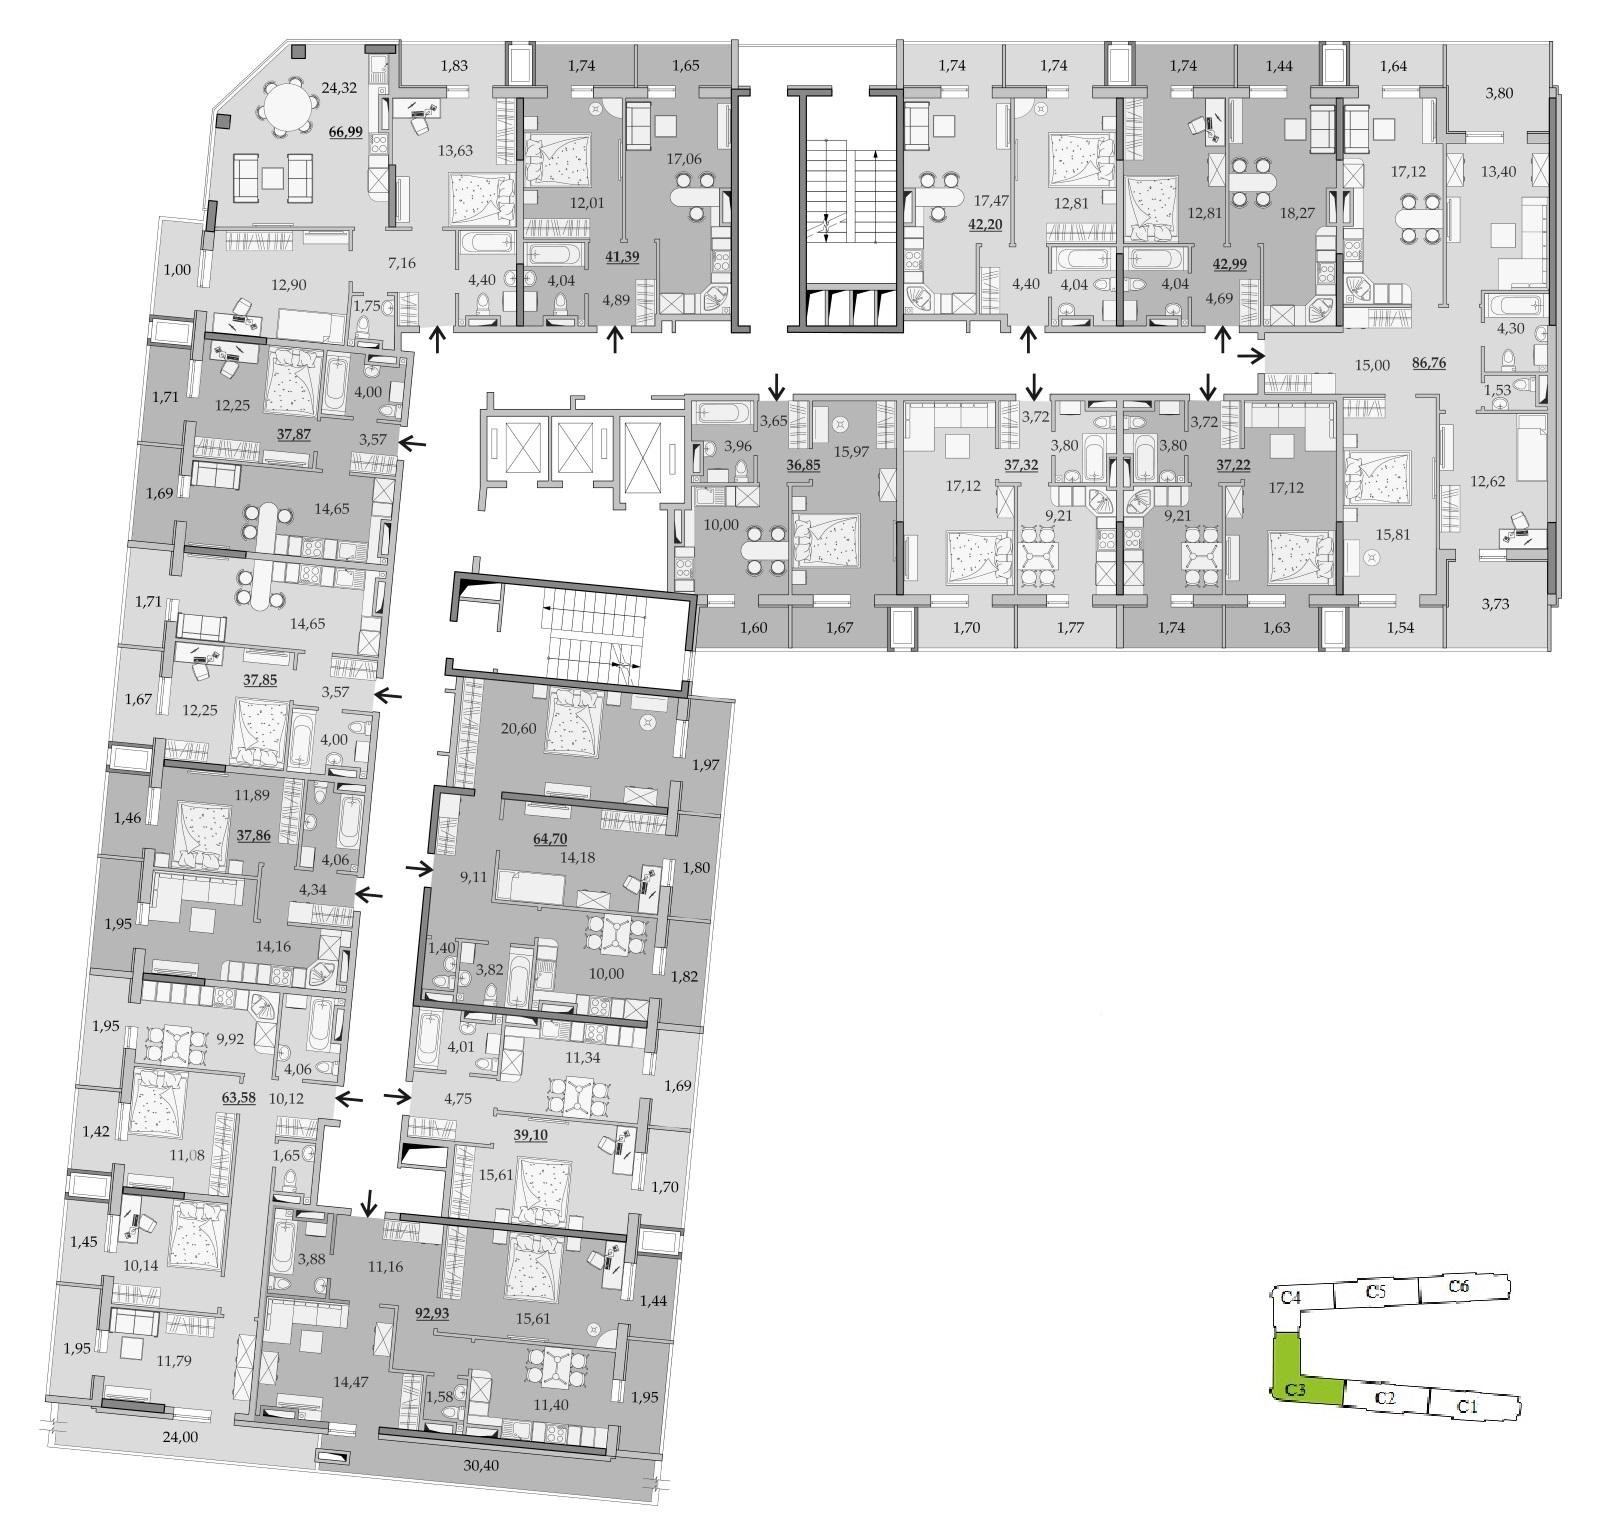 ЖК Таировские Сады Секция 3 Планировка 16 этажа